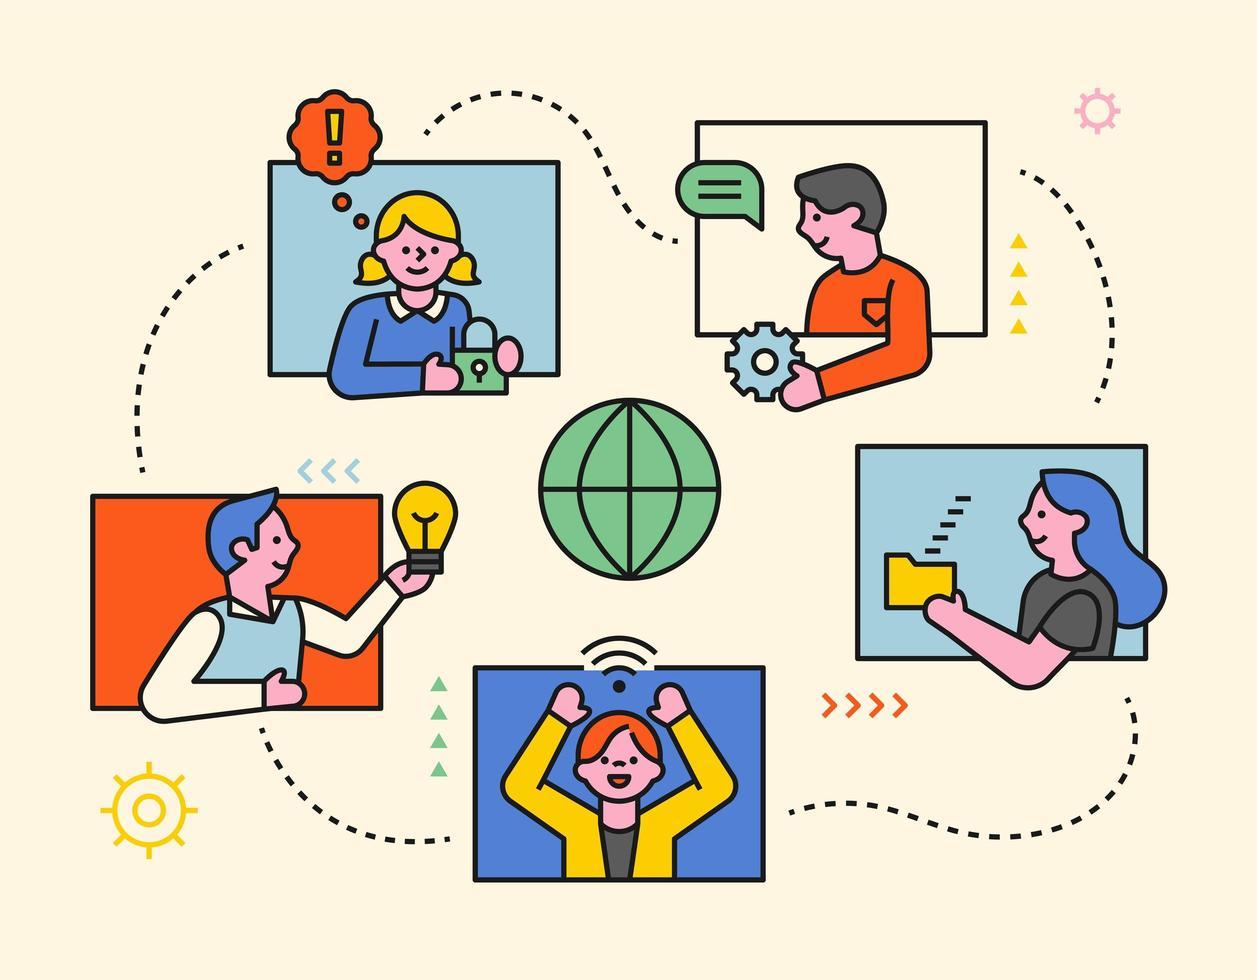 nätverk människor koncept mall. vektor